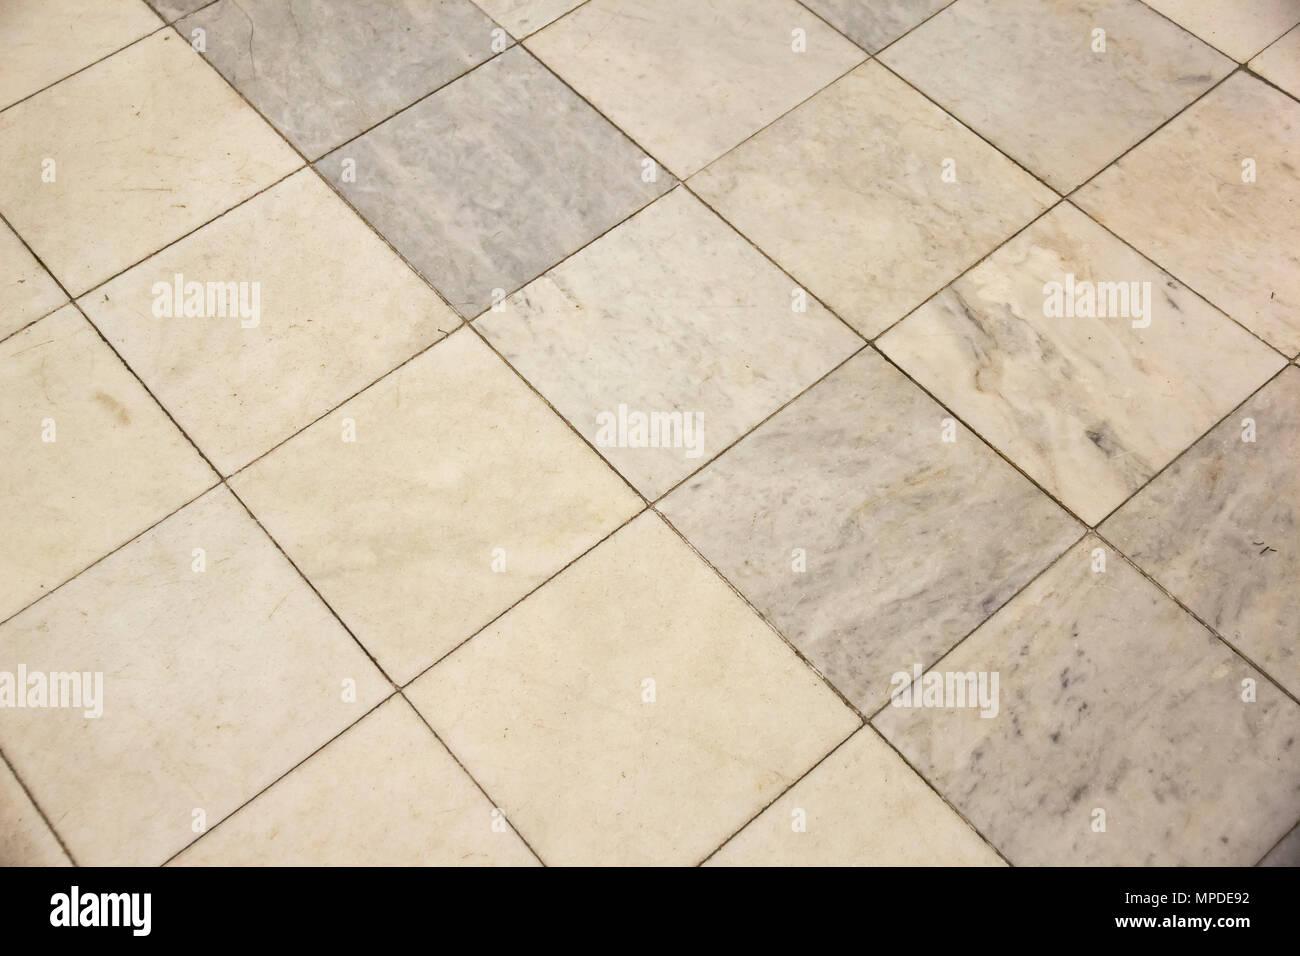 Quadrato di luce beige e grigio piastrelle per pavimento foto